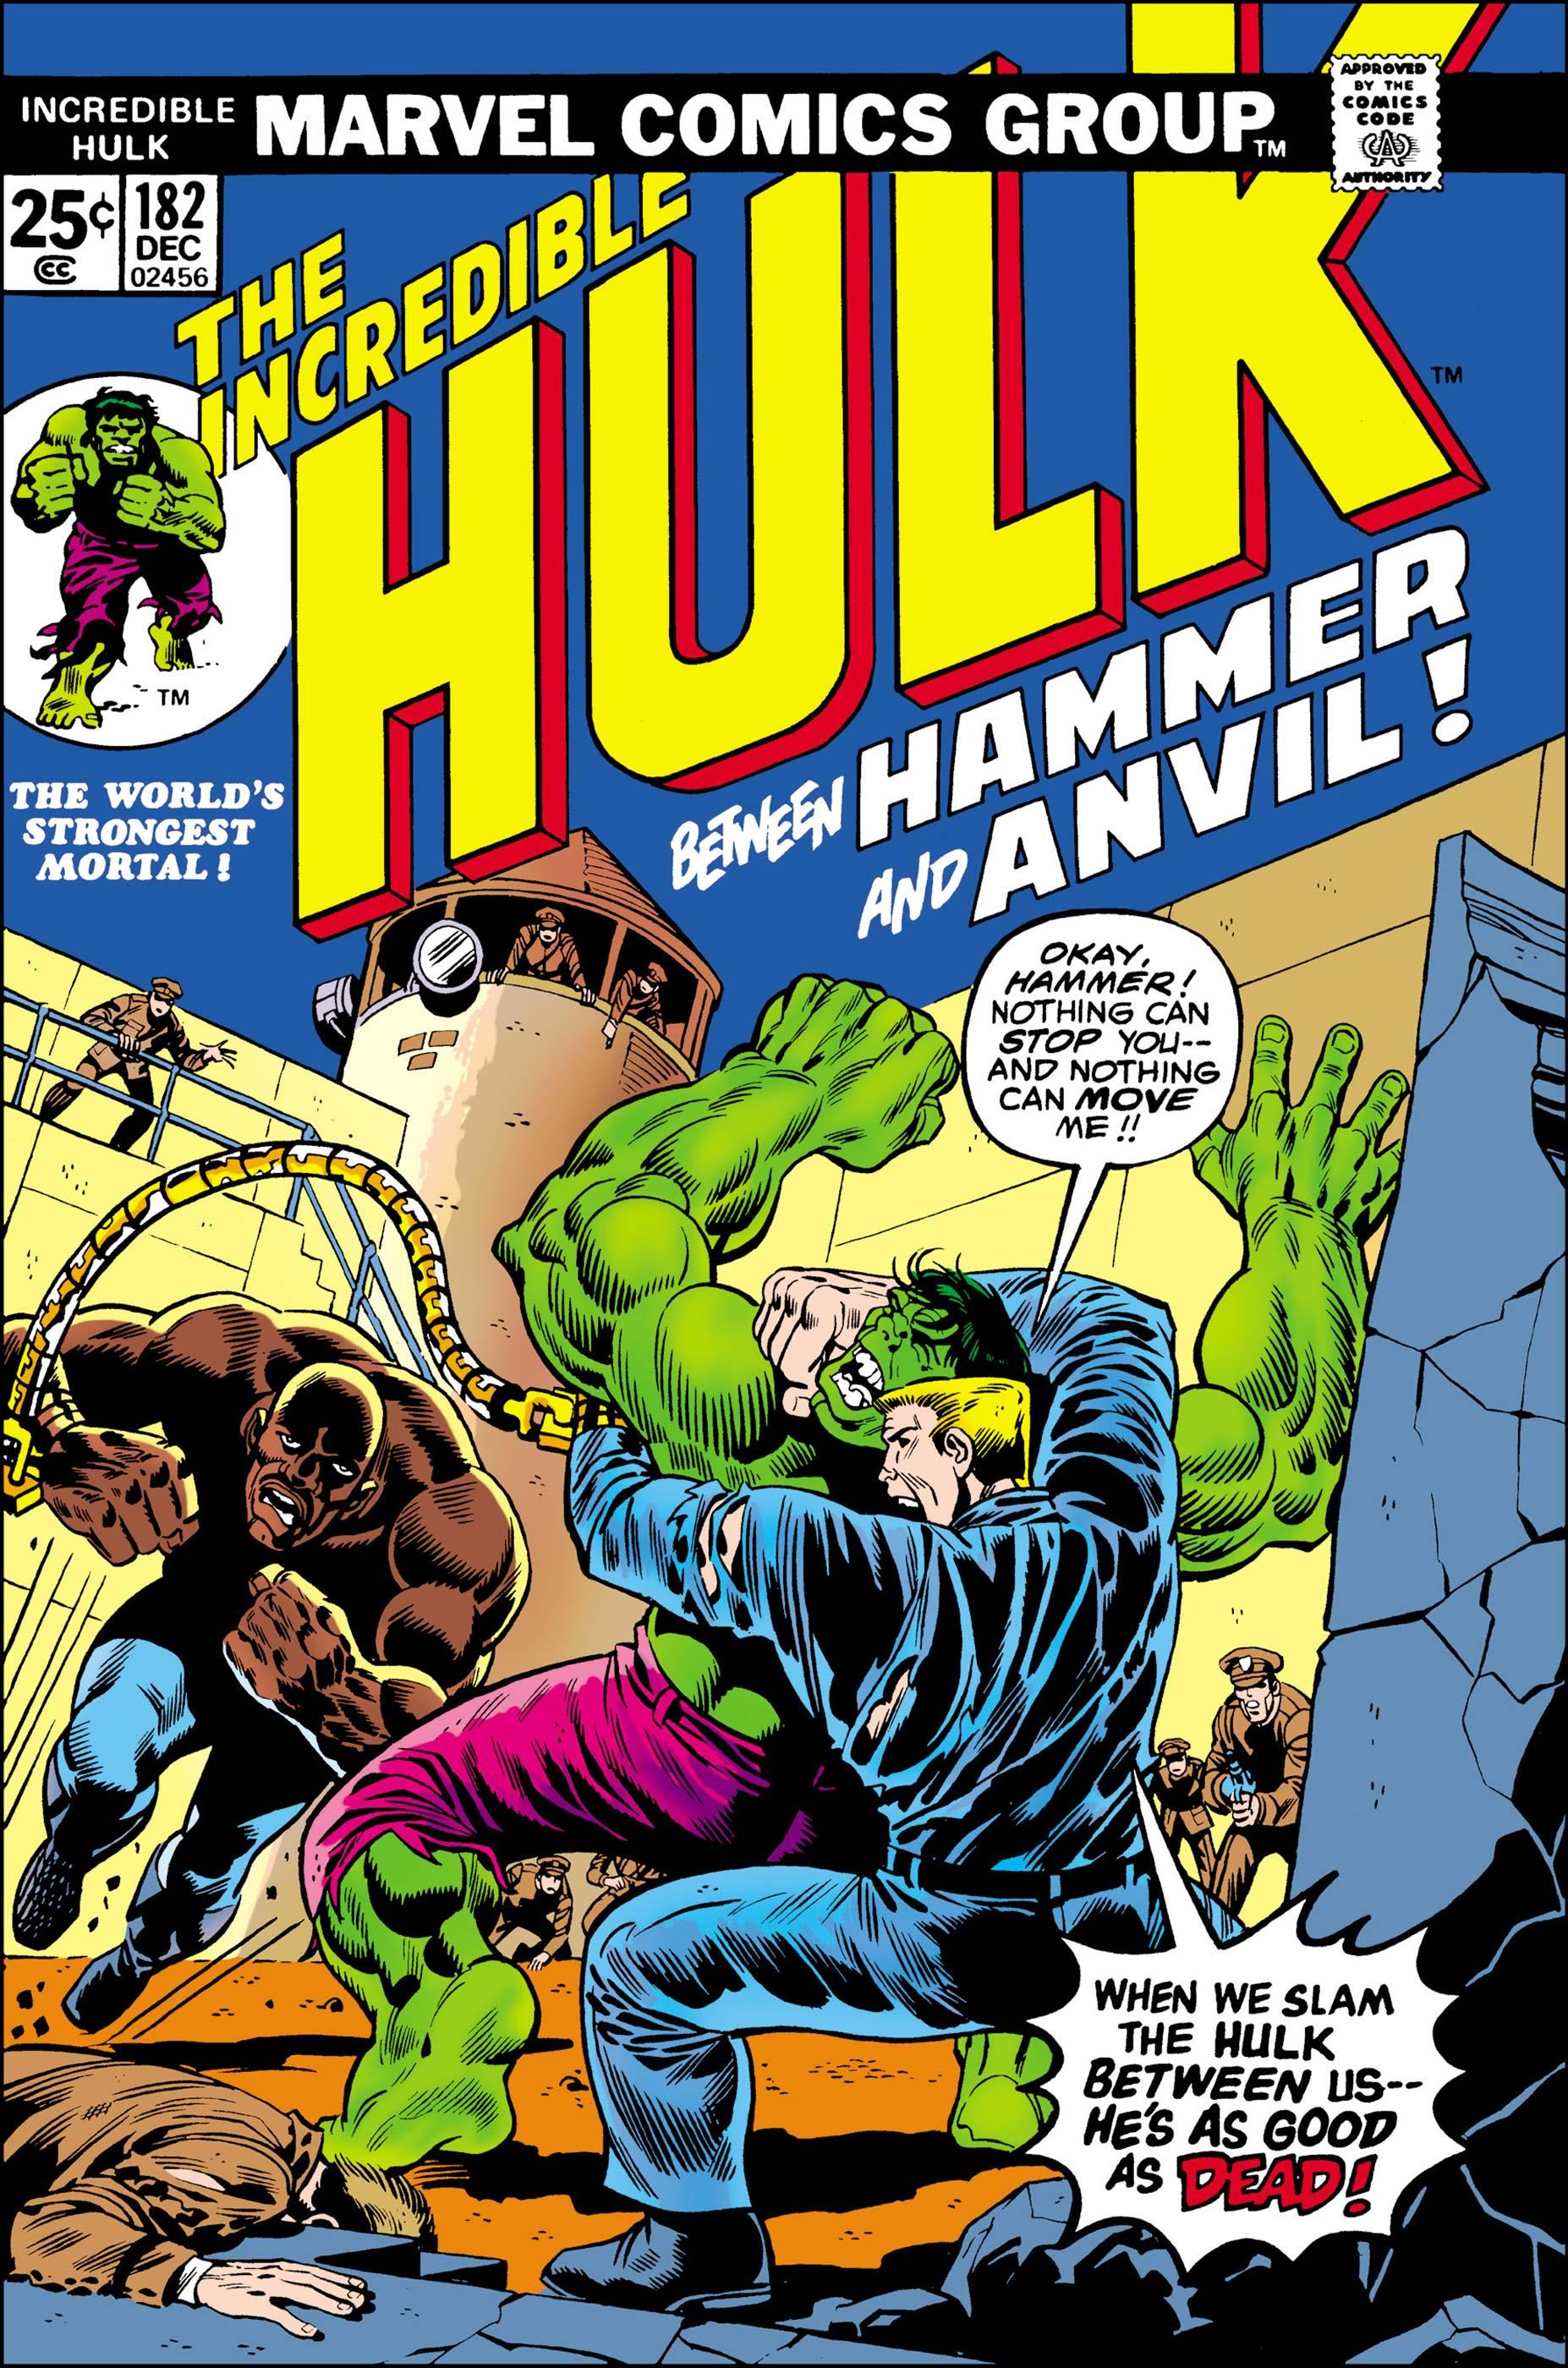 Incredible Hulk (1962) #182